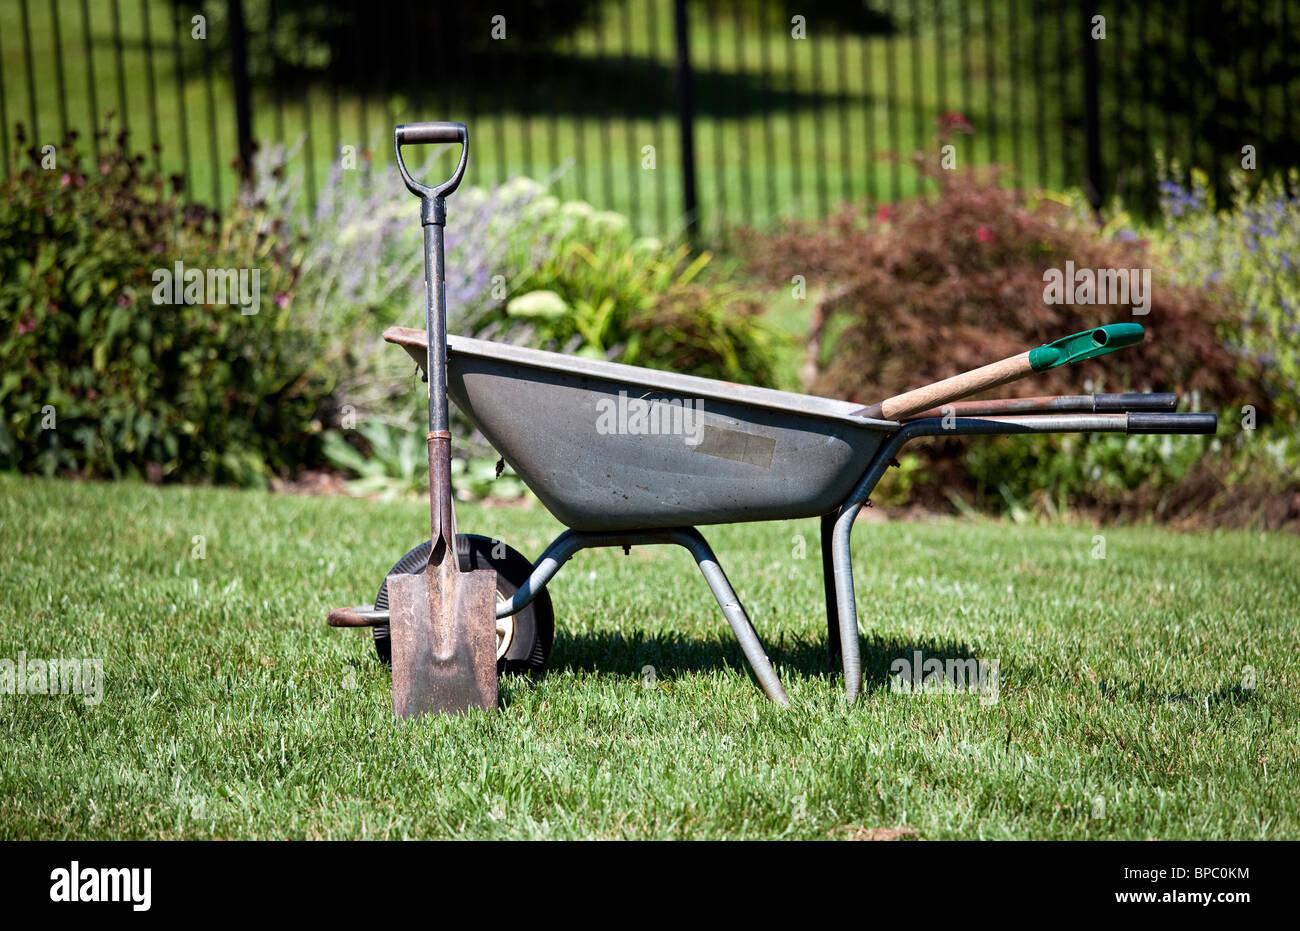 Garden tools - Spade resting against a wheelbarrow in a garden - Stock Image